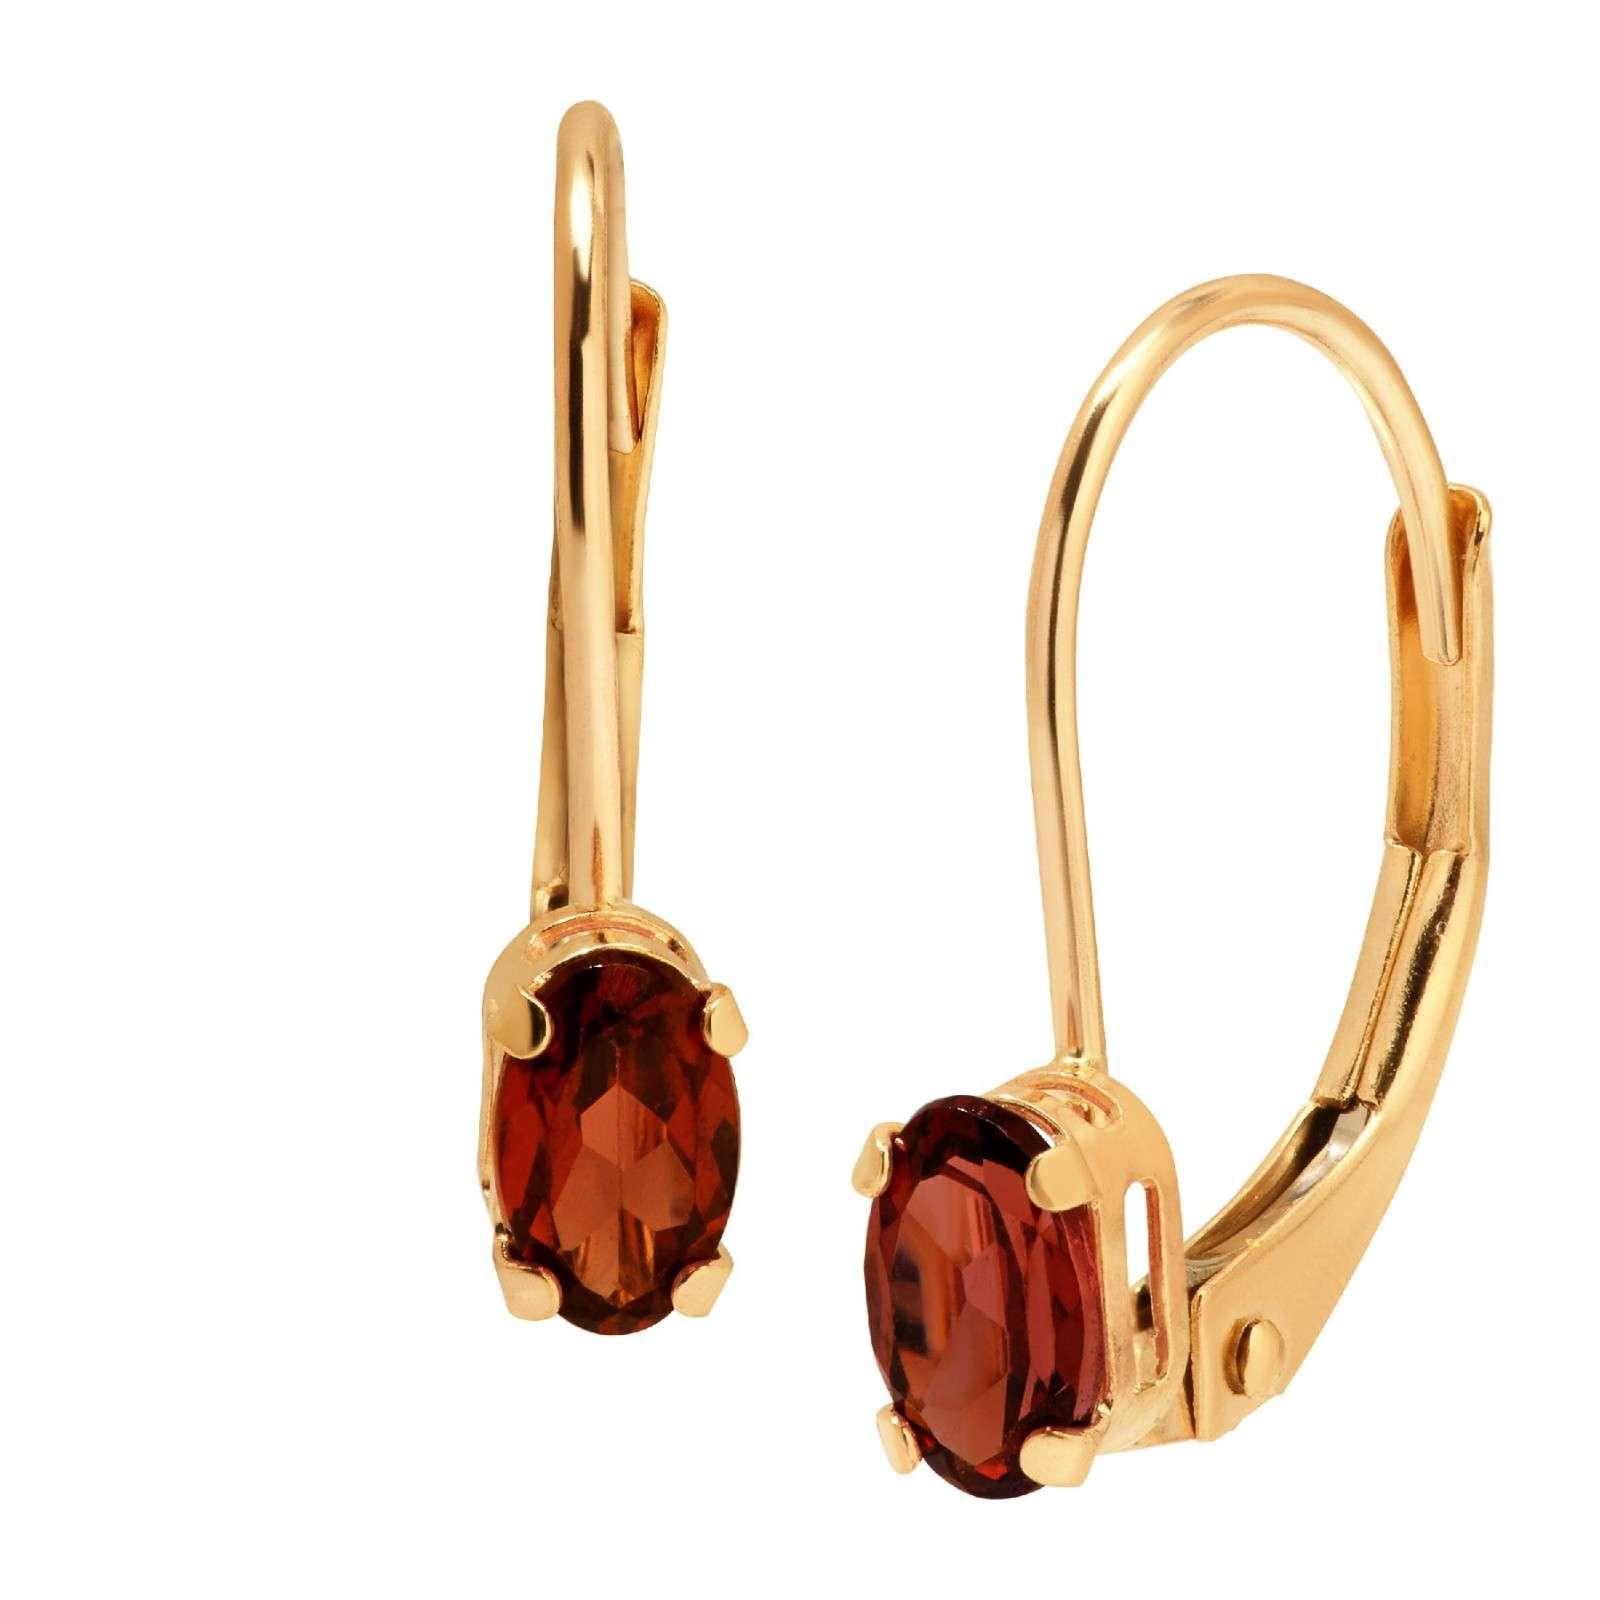 石榴石耳环